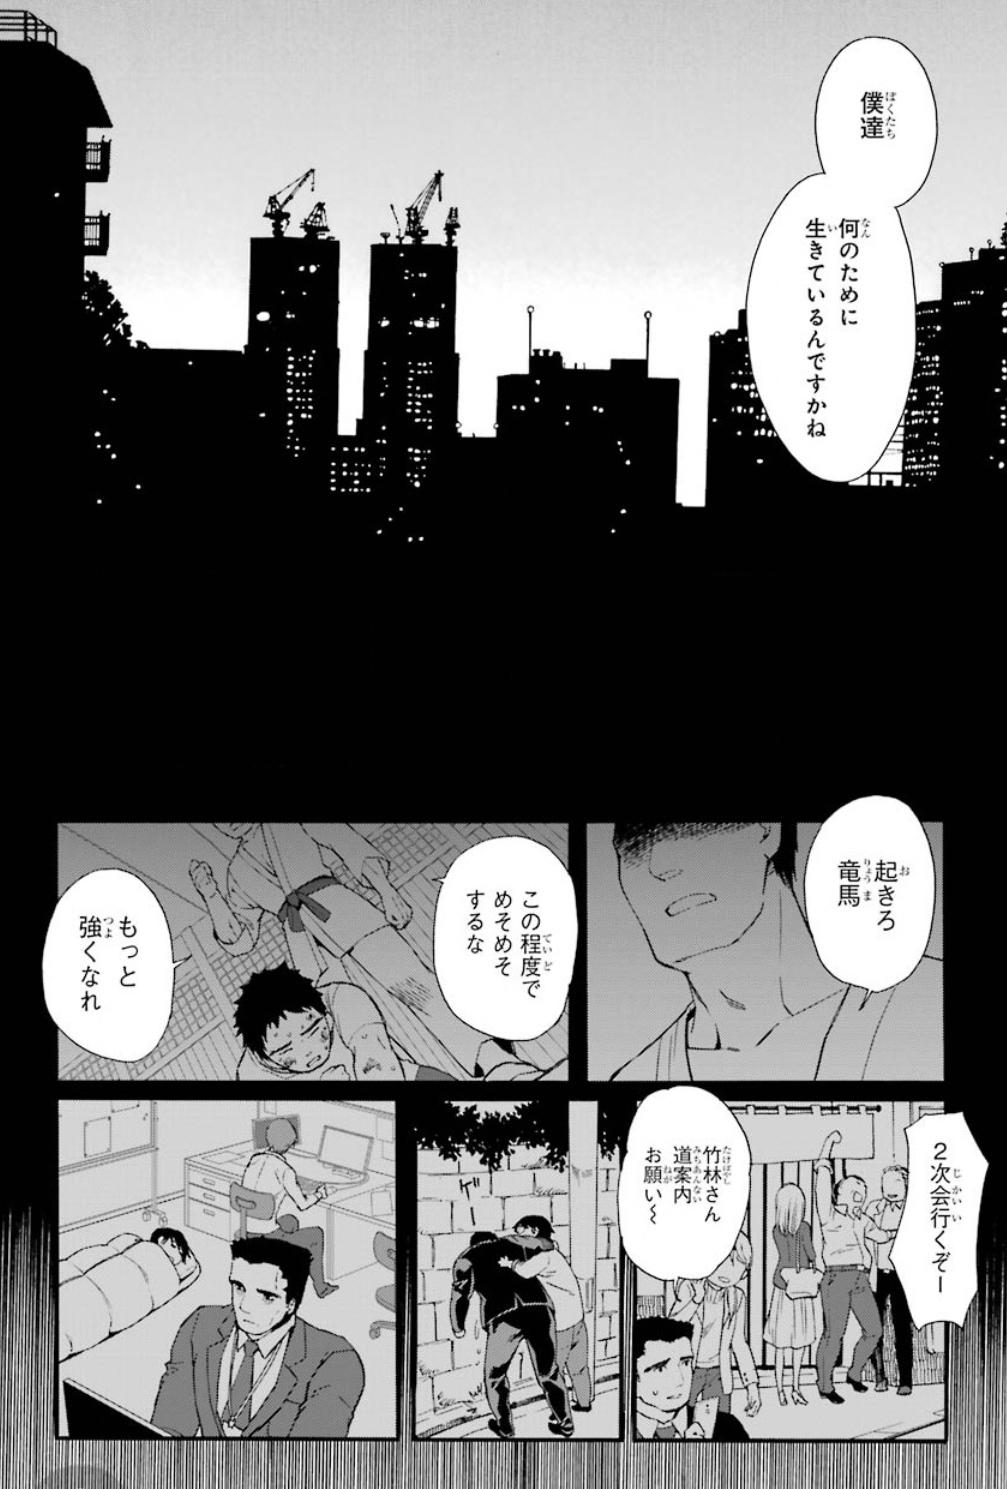 作品の魅力1:(オタク+社会人パワー)×神のご加護=!?